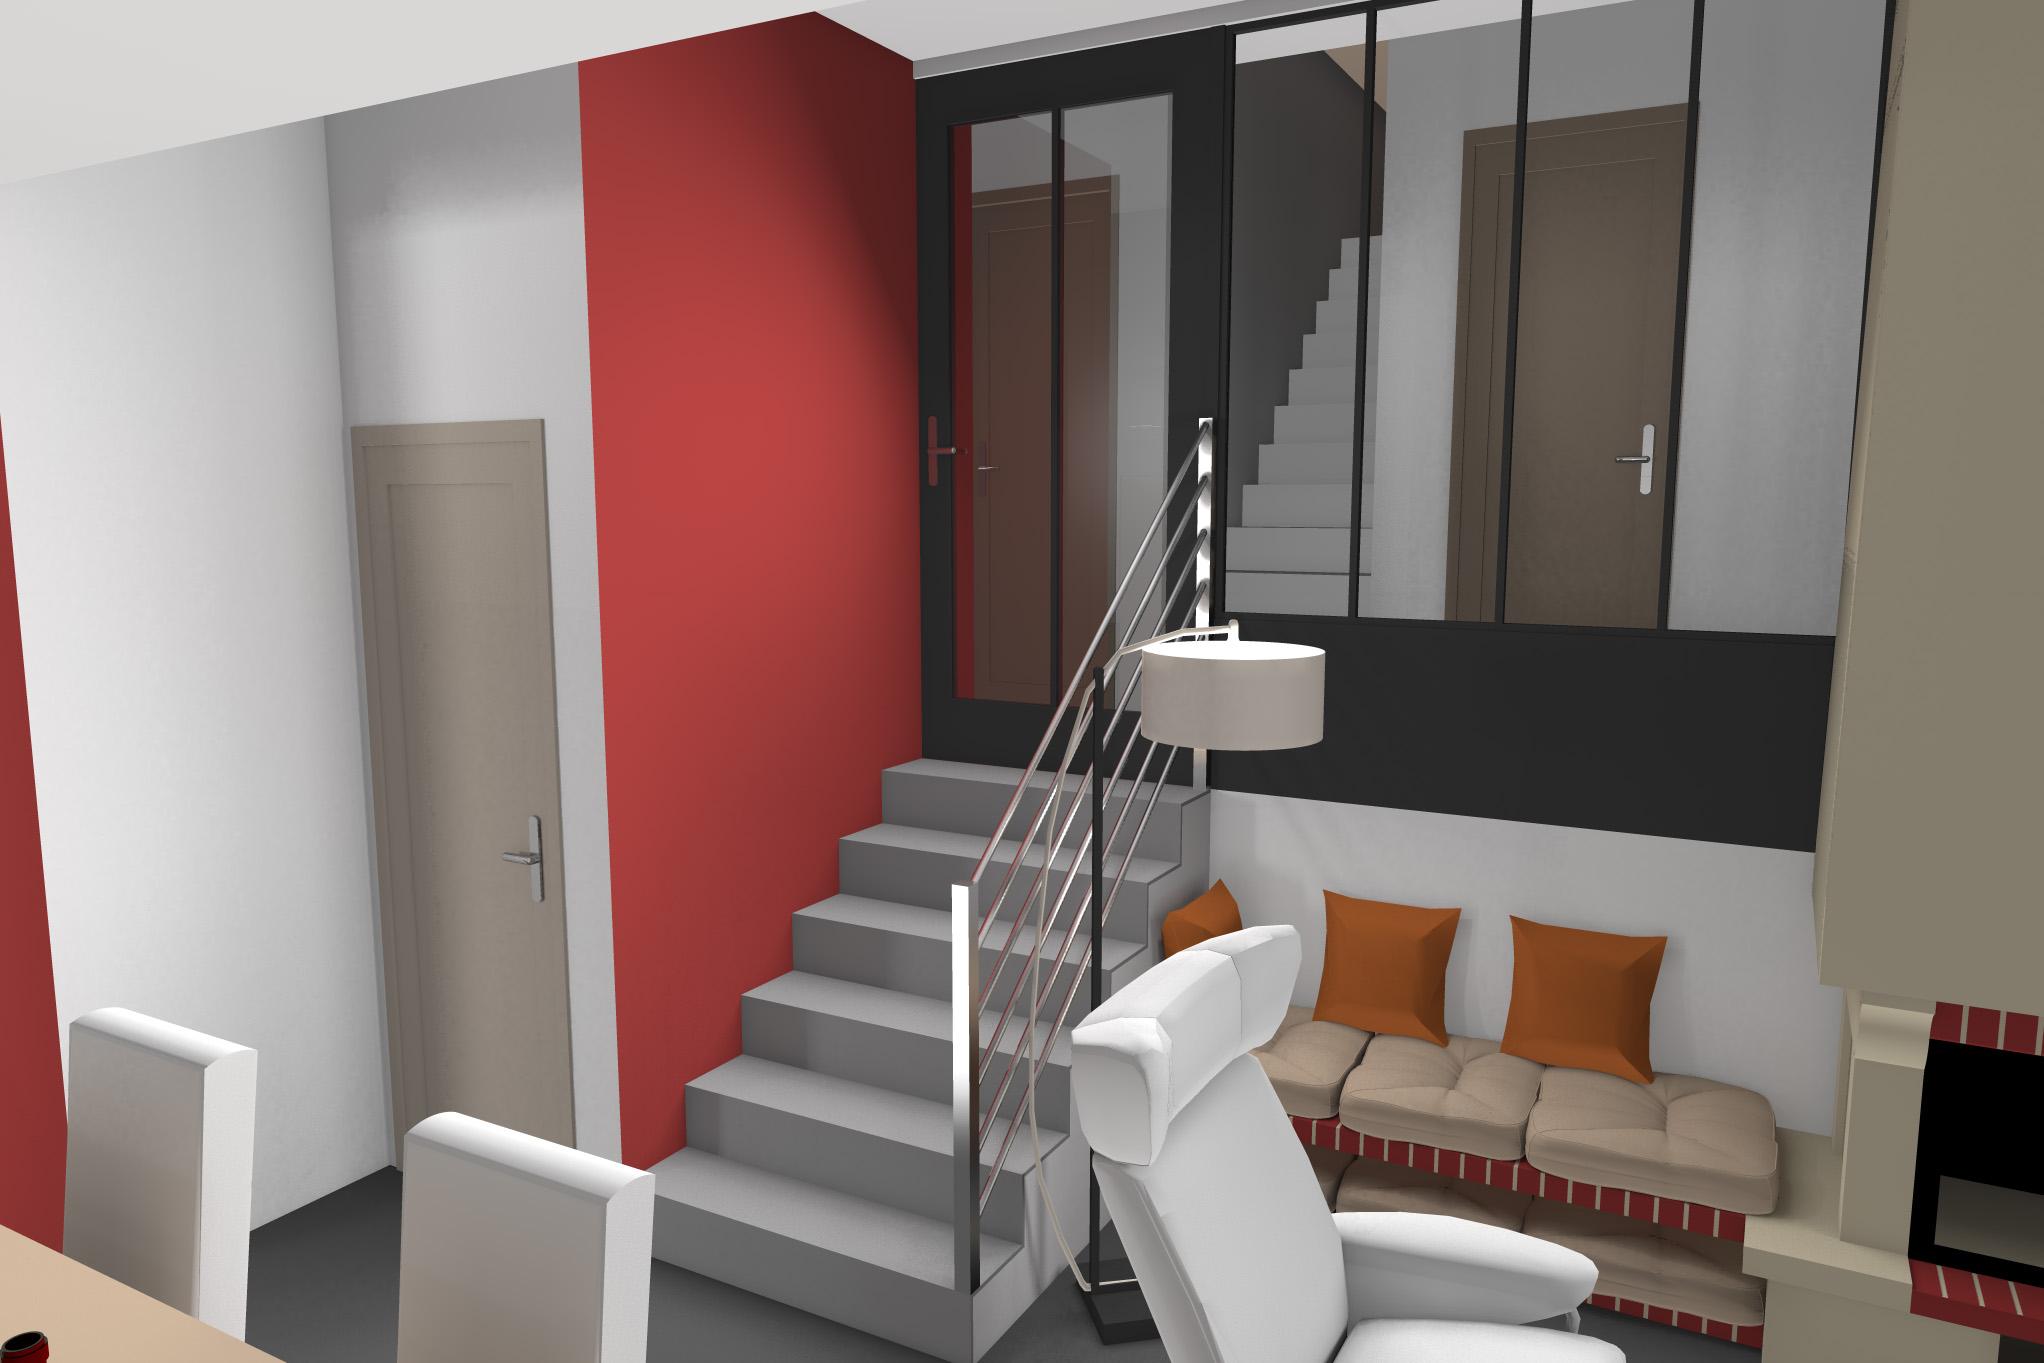 Architecte Interieur 3D Gratuit architecte d'intérieur – visuel 3d architecte hyperréaliste